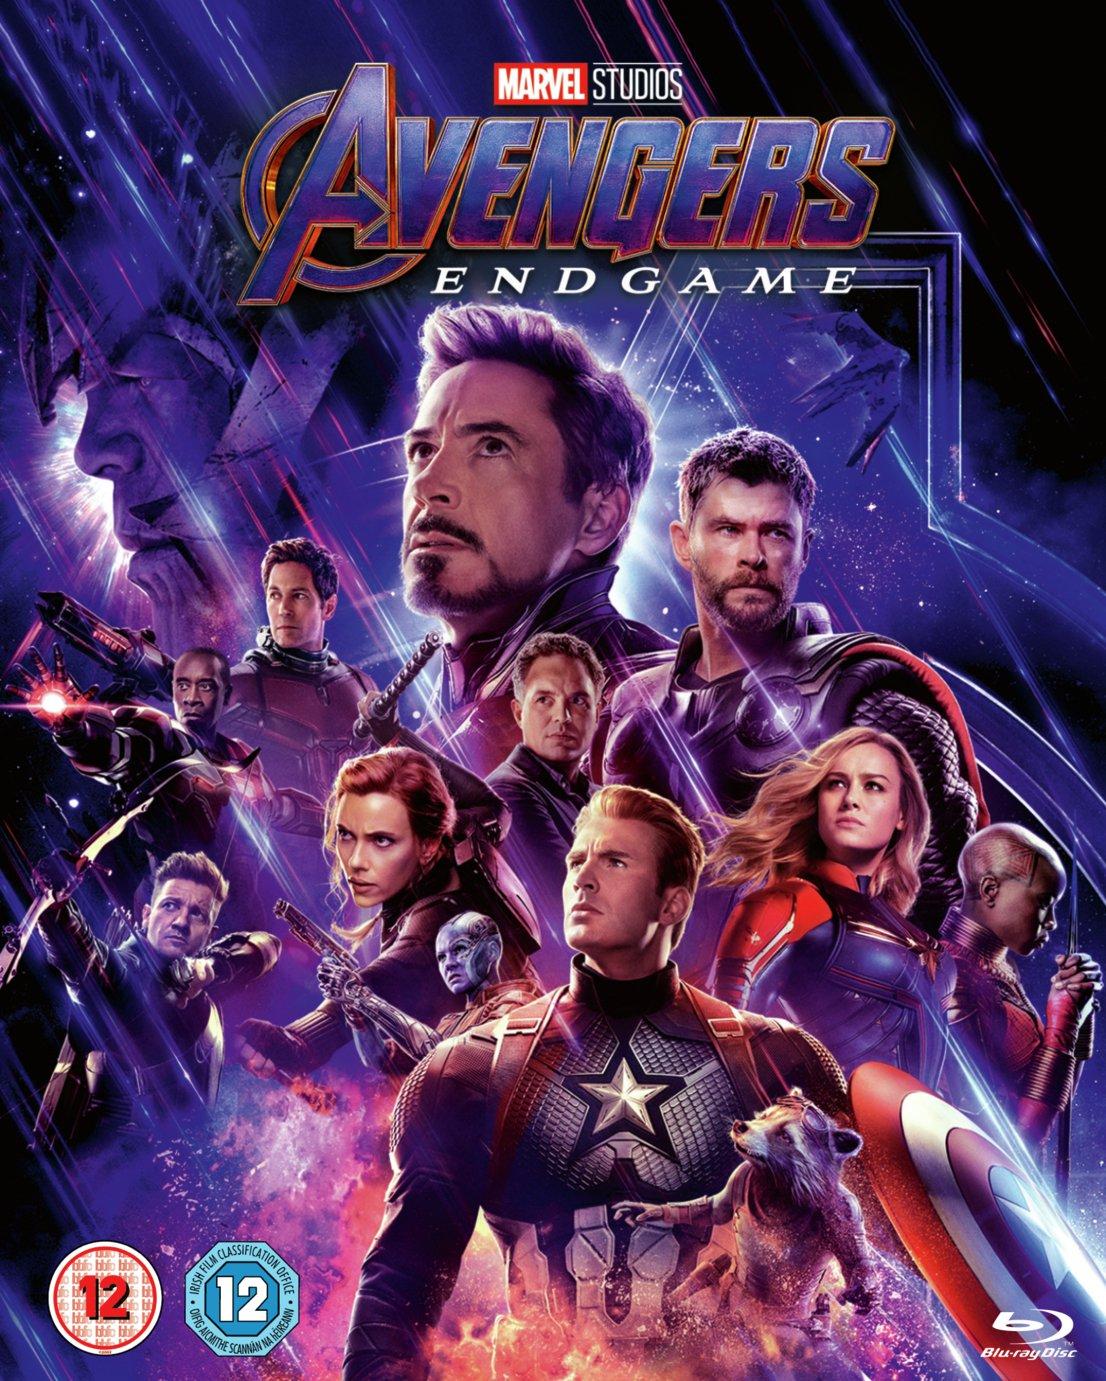 Marvel's Avengers: Endgame Blu-Ray